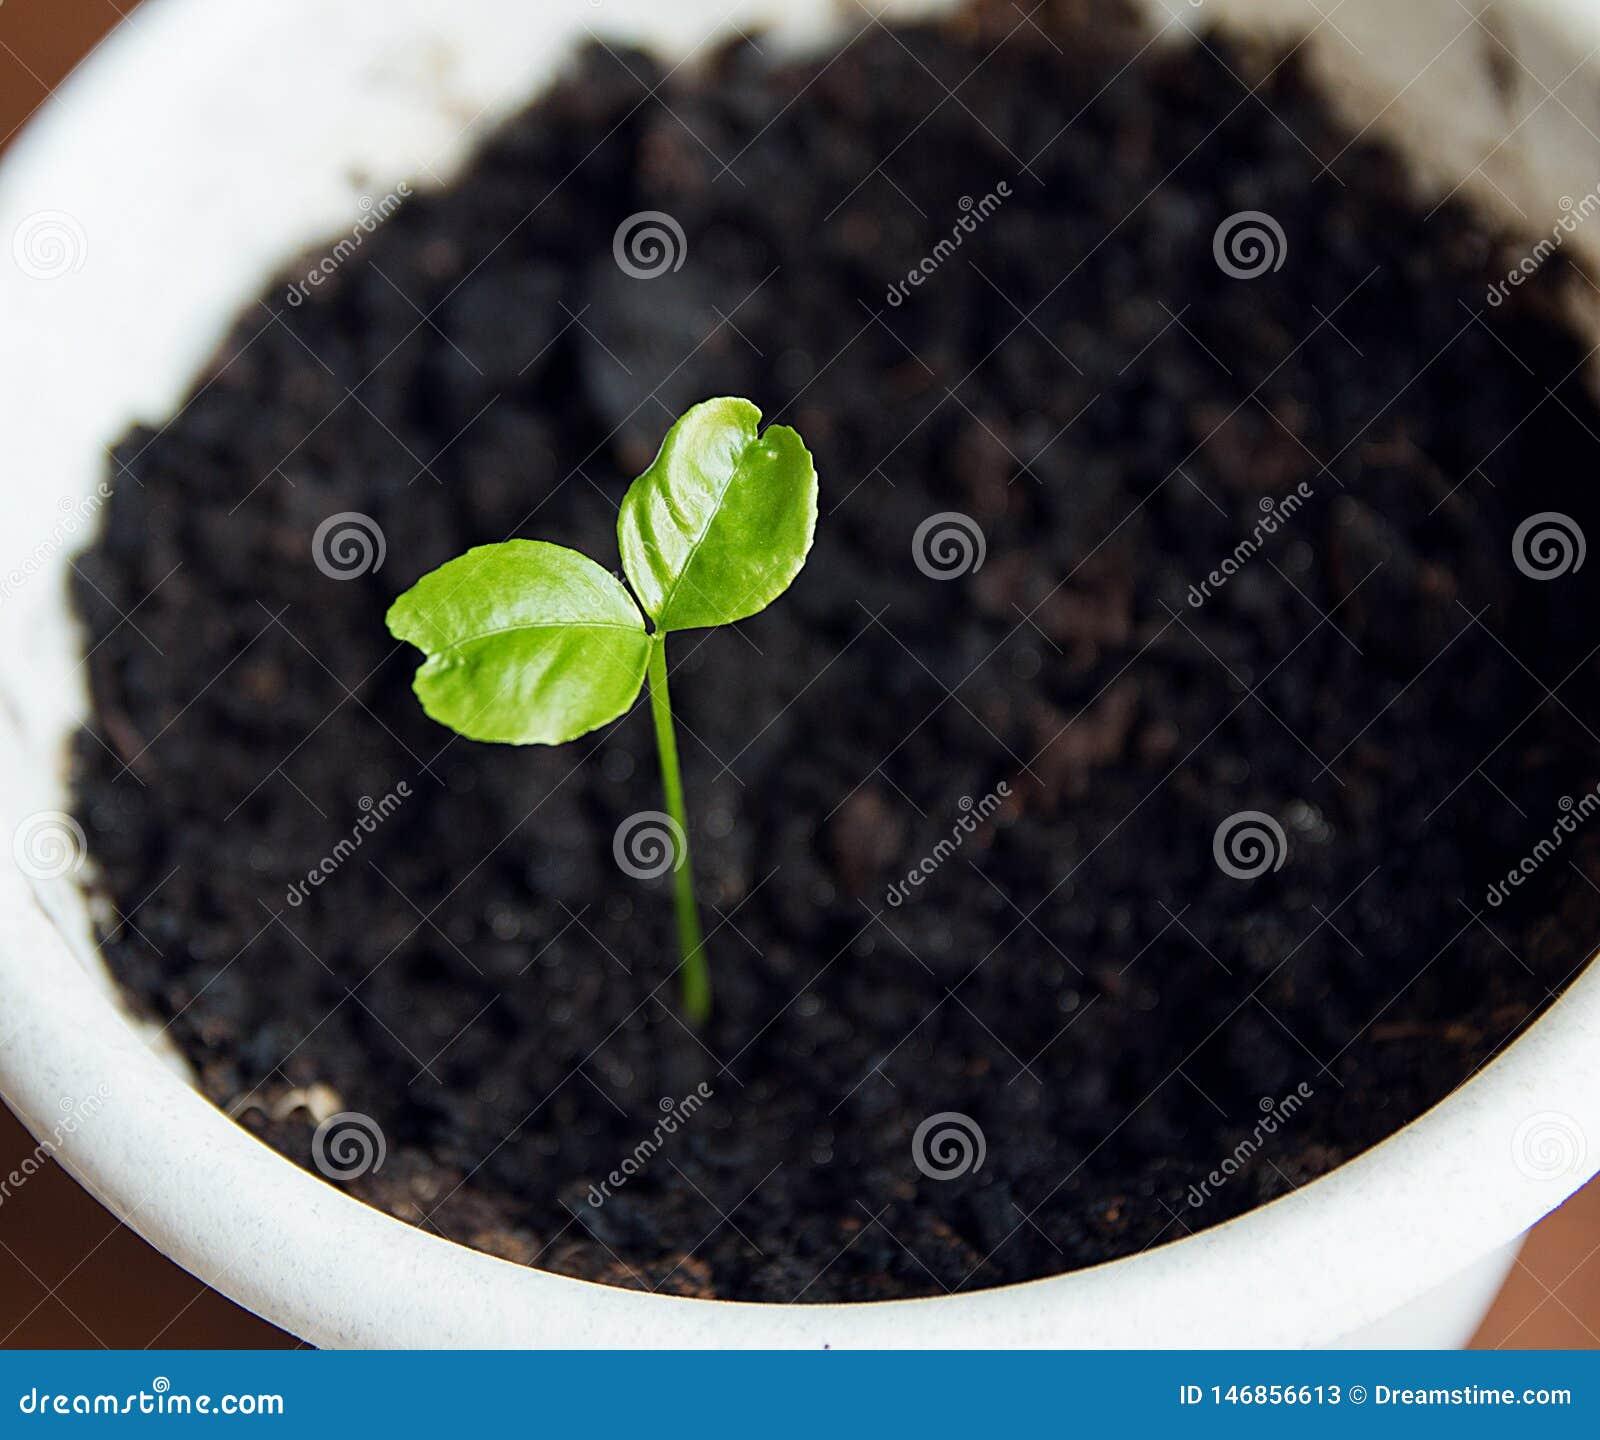 Giovane pianta verde germogliare in vaso bianco